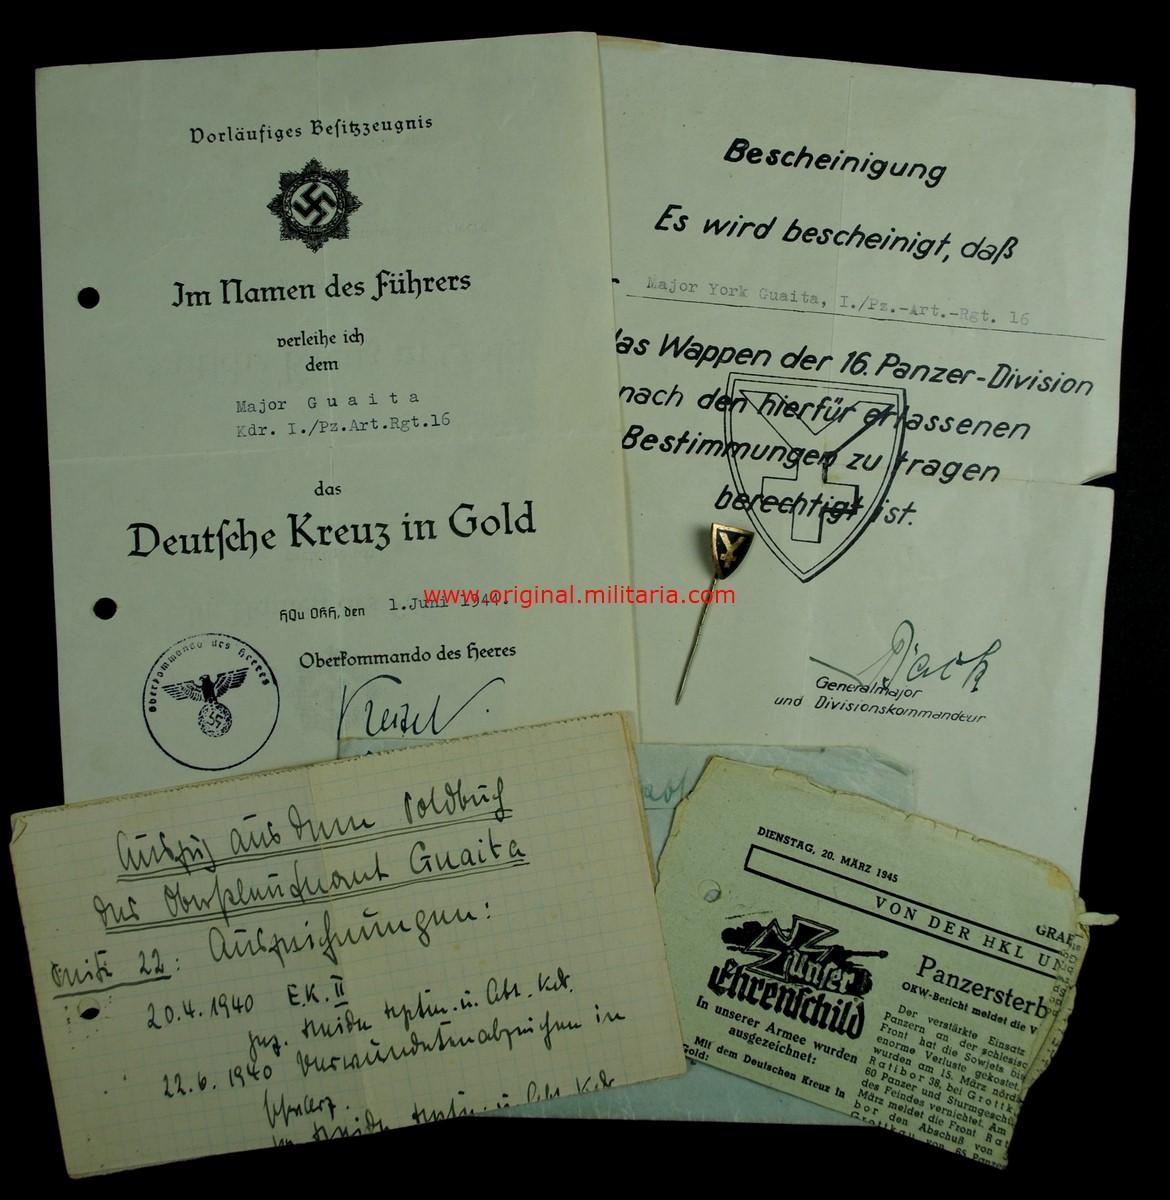 """WH/Pz Concesiones, Documentos y Aguja del Camandante """"York Guaita"""", I./Pz-Artill-Reg.16"""